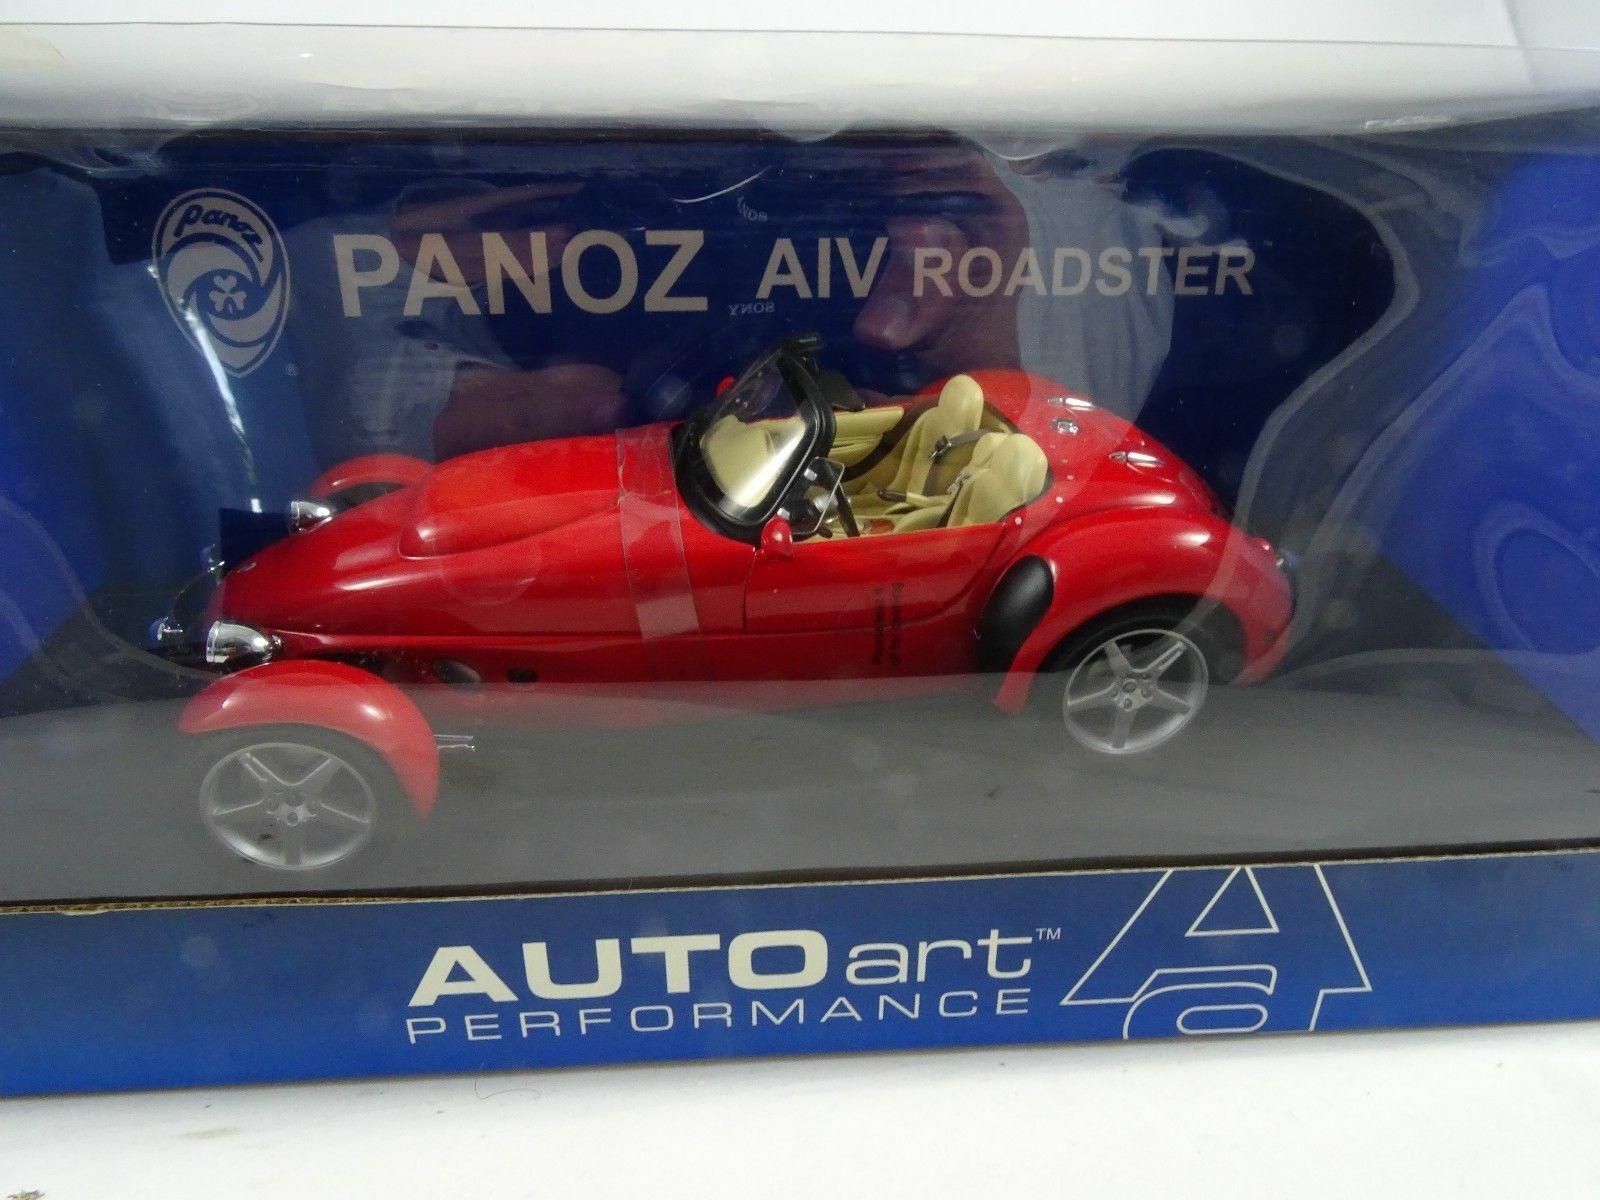 Envio gratis en todas las ordenes 1 18 Autoart Autoart Autoart 78211 Panoz Aiv Roadster 1998 rojo - Rareza Nuevo   Ovp  Garantía 100% de ajuste